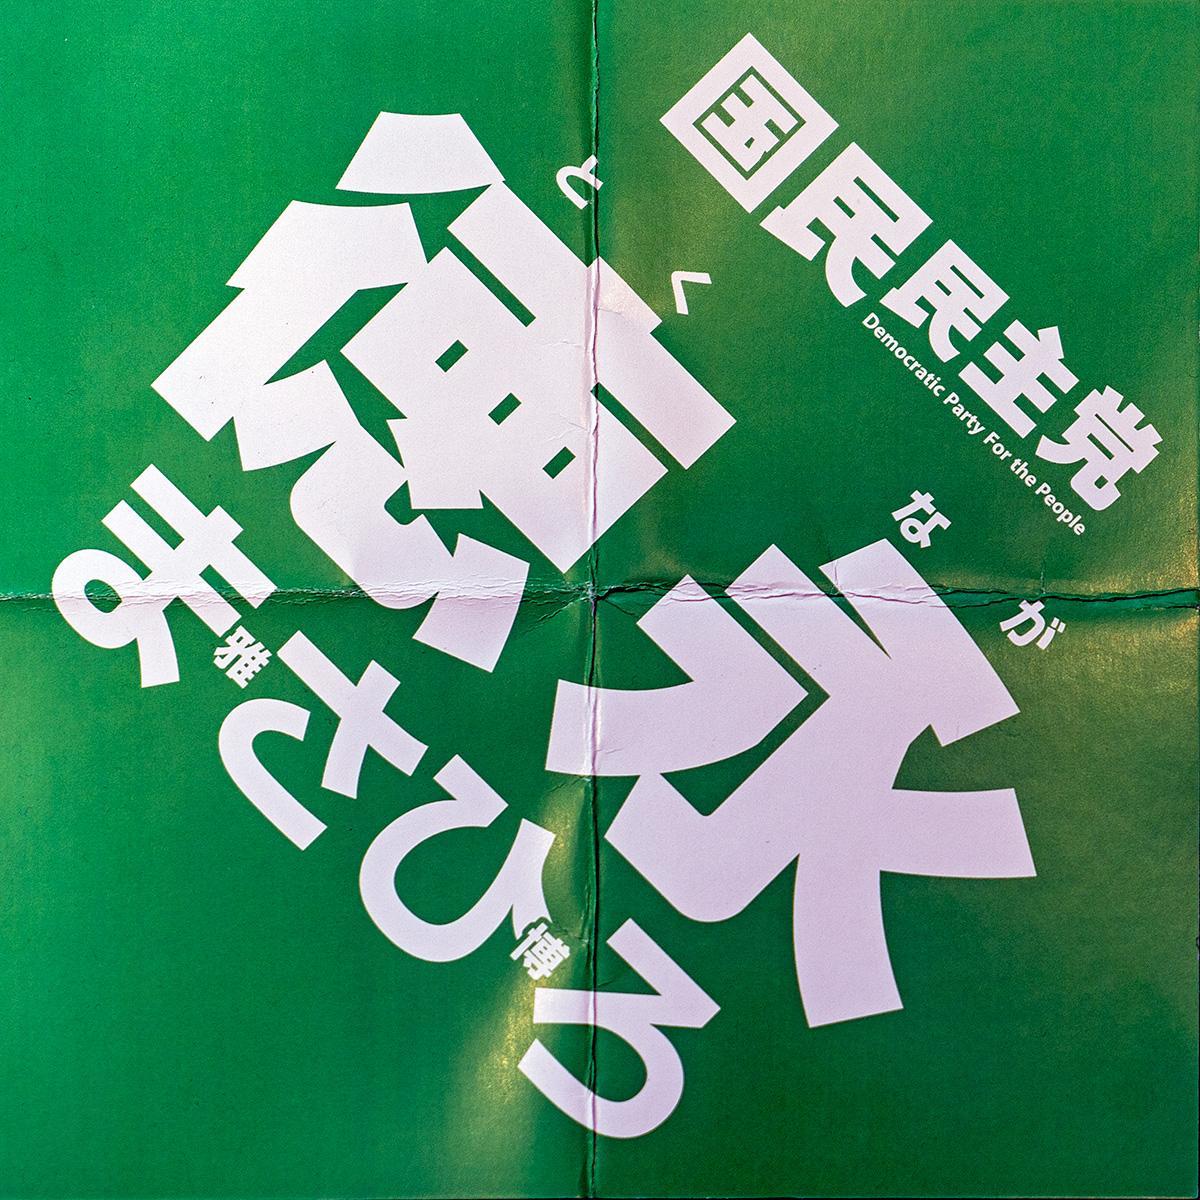 Teil einer Parteiwerbung im Beitrag Tokio: Einheitliche Wahl